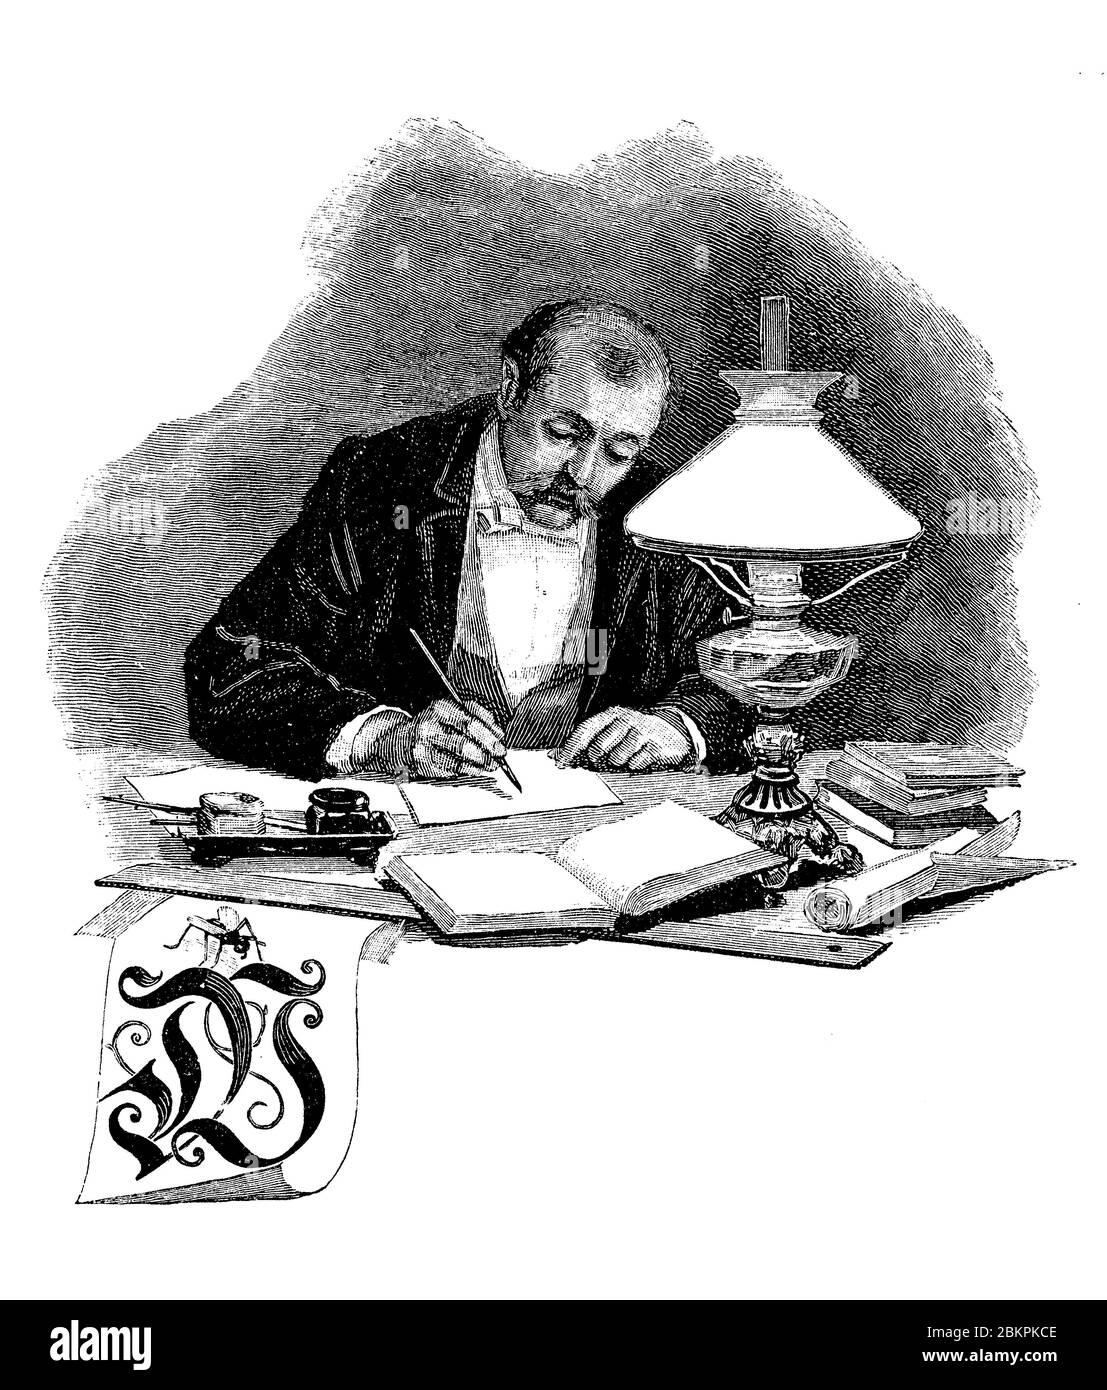 Typographie: Frontispice de chapitre de lettre W, vignette décorative d'un homme assis à son bureau avec des livres, écrivant une lettre avec un stylo et de l'encre Banque D'Images